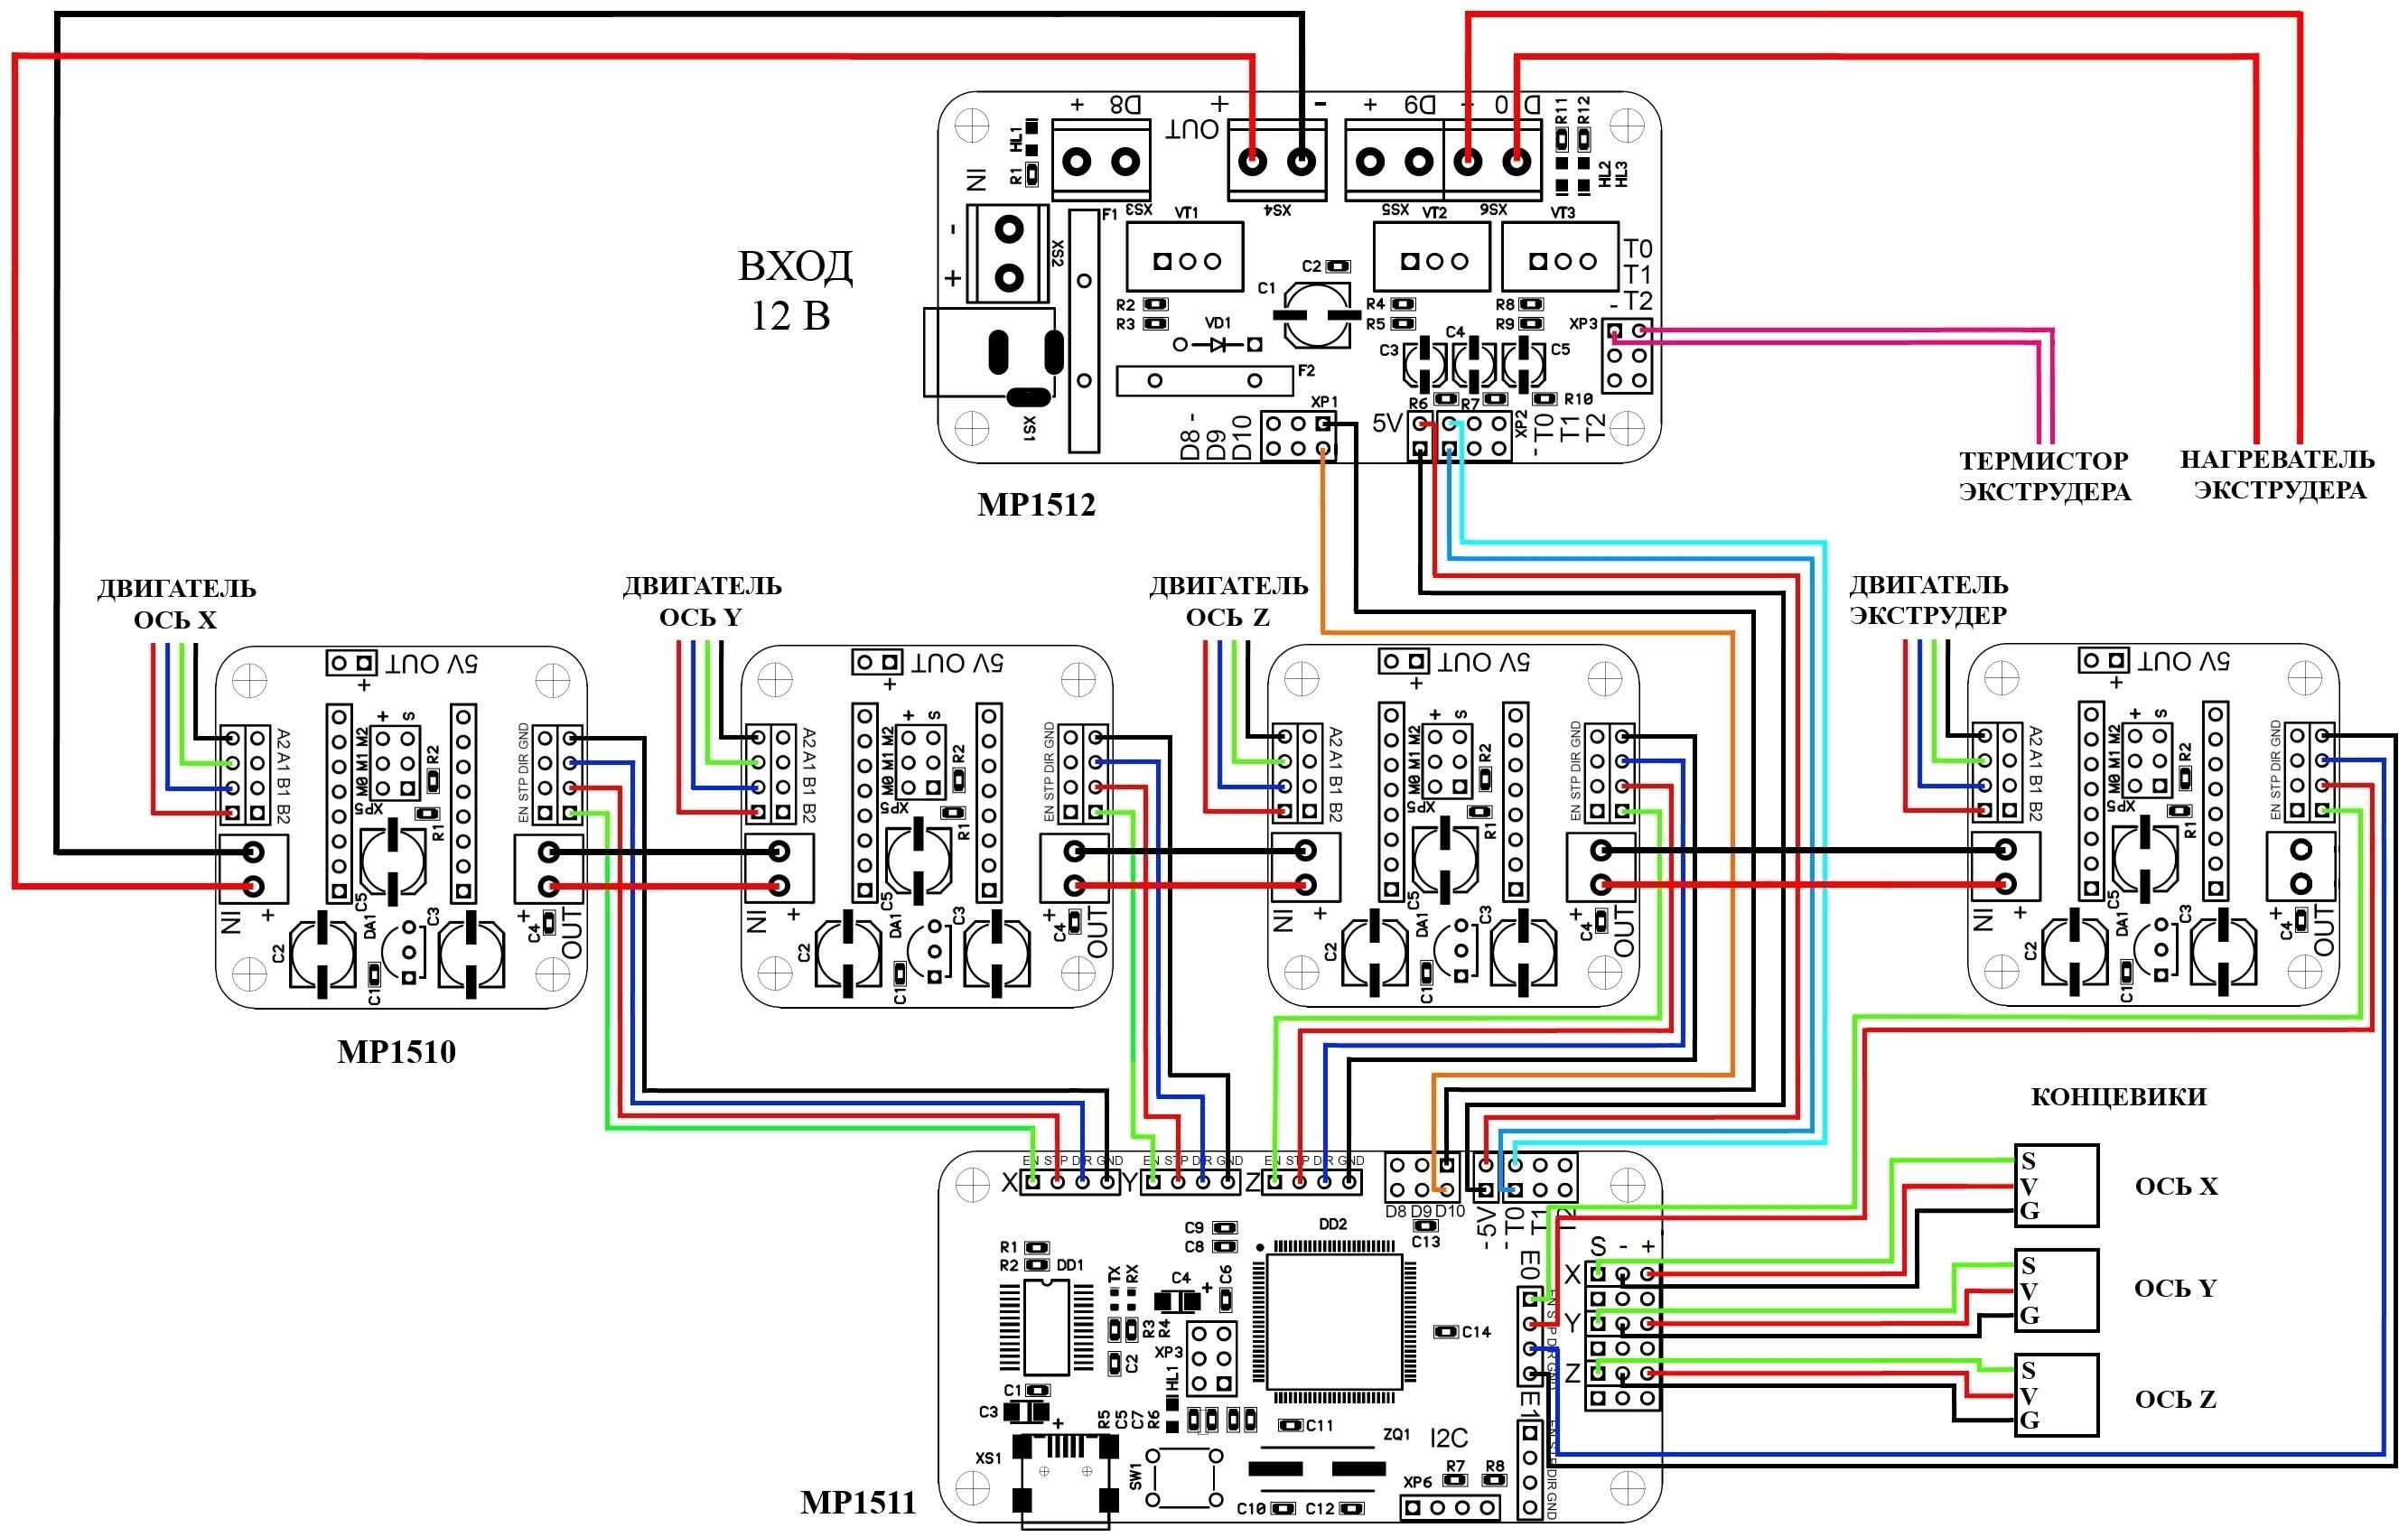 Как обновить модуль adobe flash player в яндекс браузере на виндовс 7 - 81baf